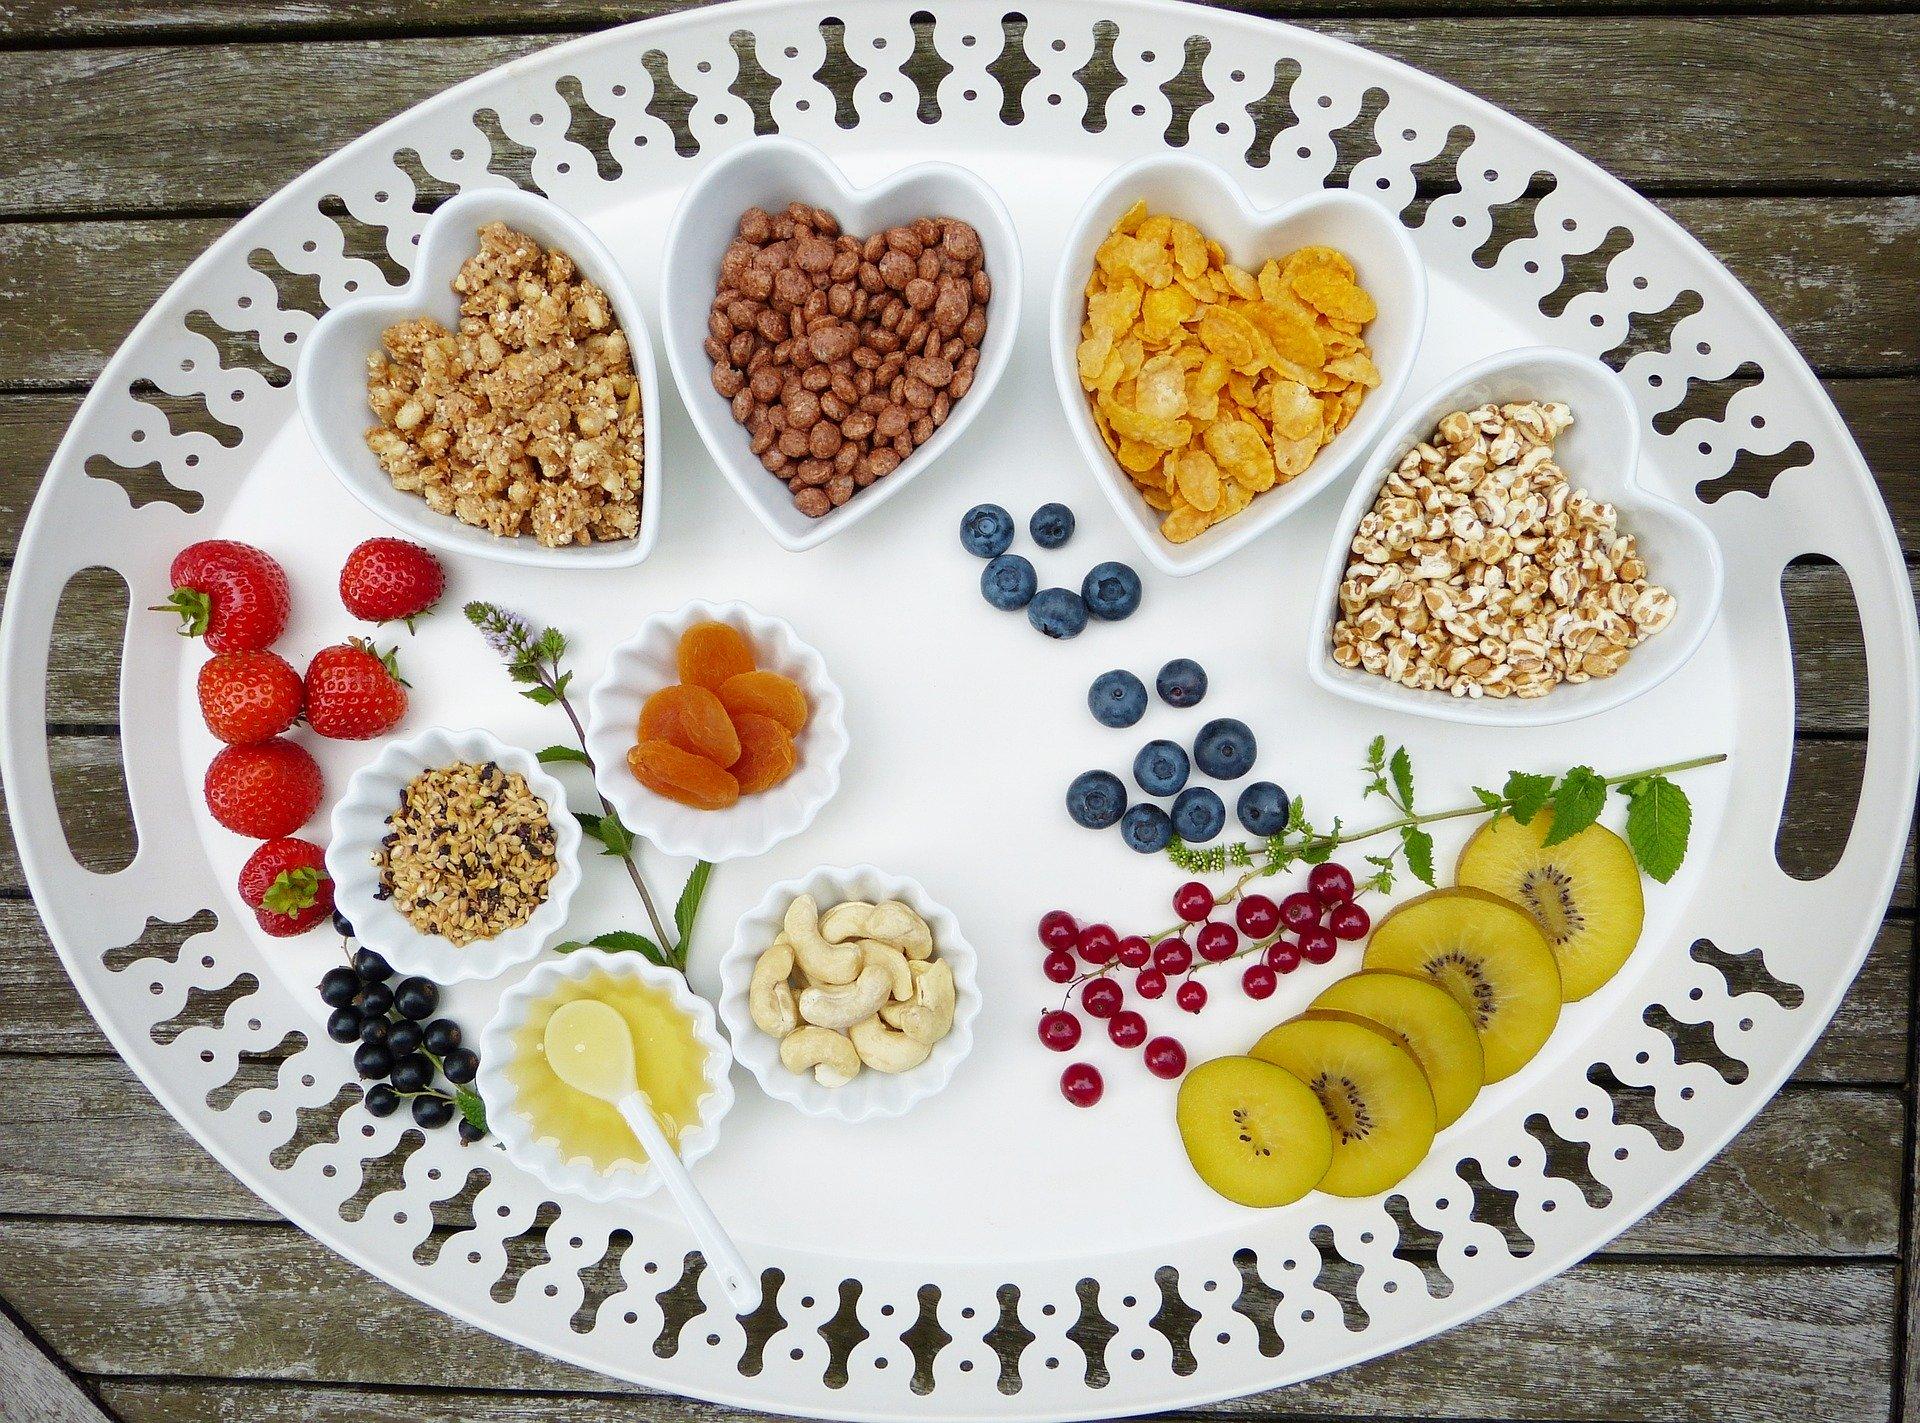 Curs d'Alimentació Saludable